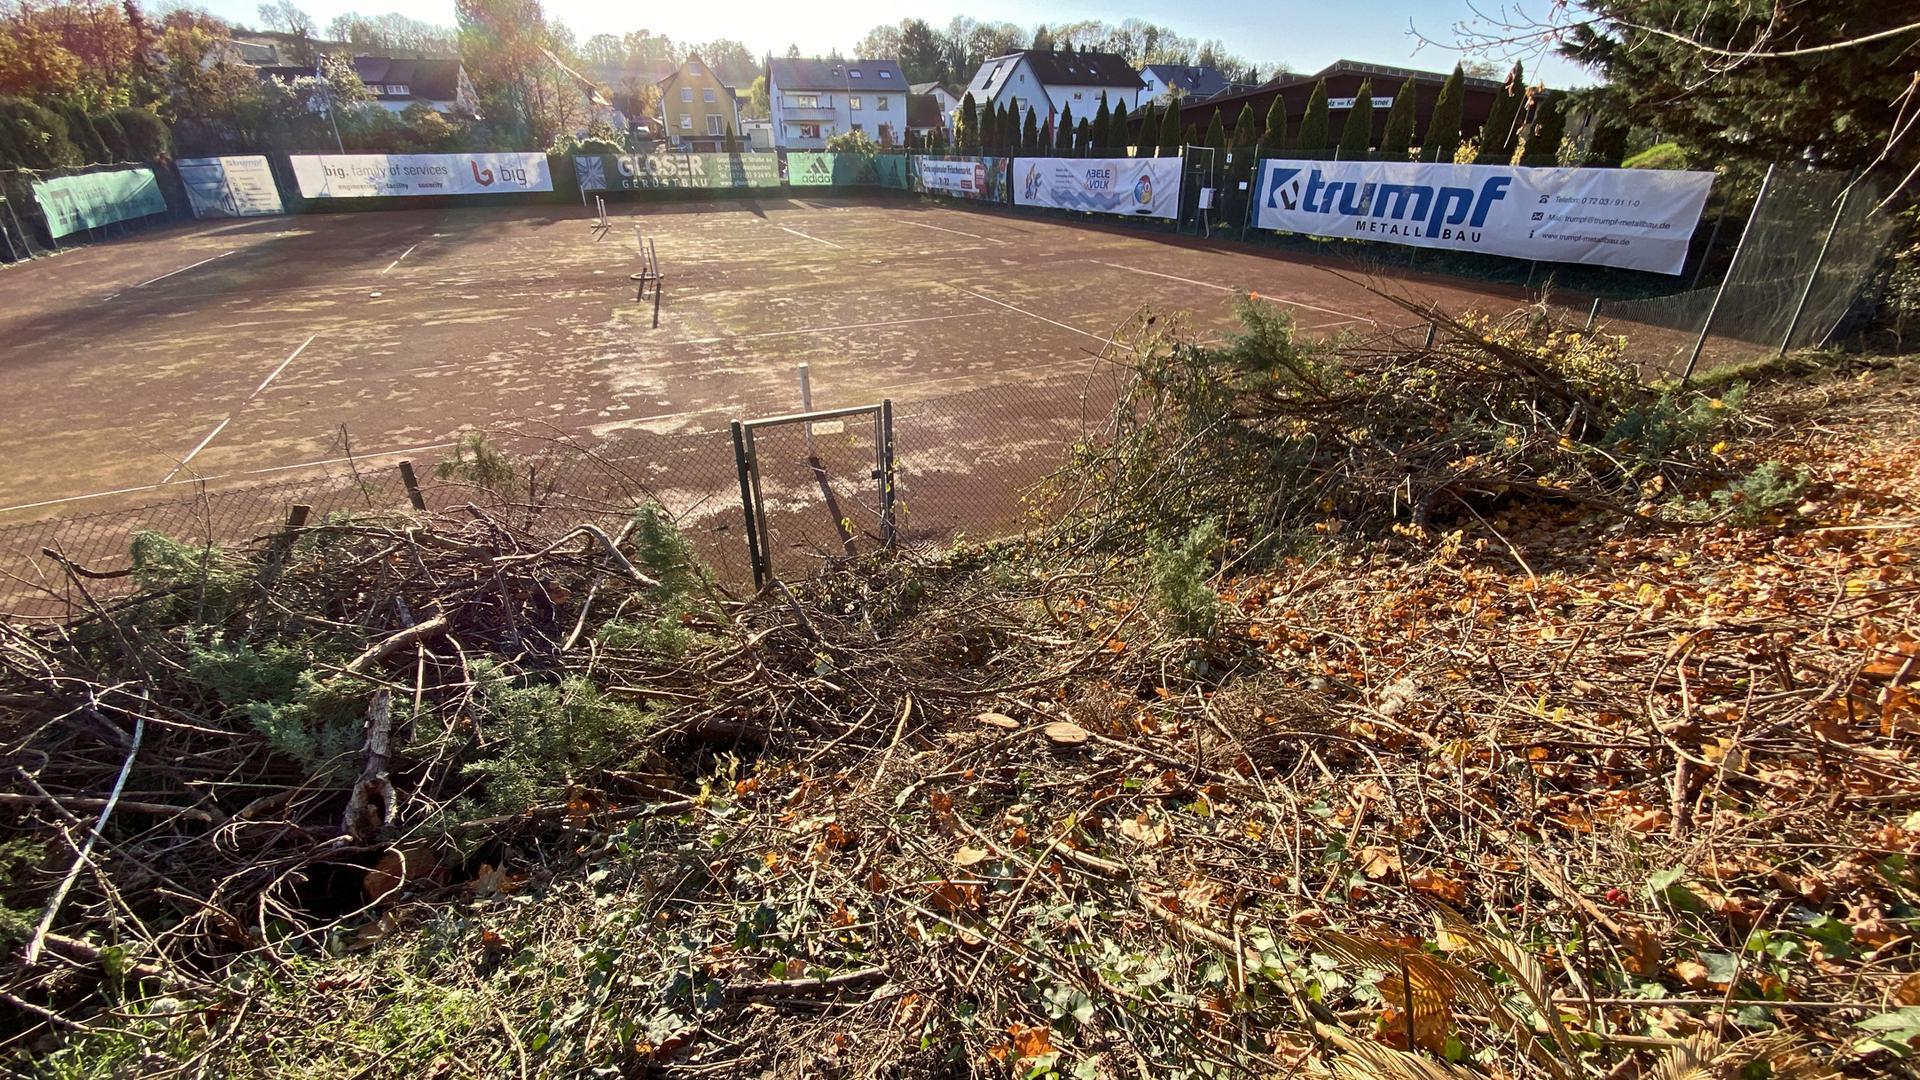 Tennisplatz, Spielflächen ohne Netze, Bandenwerbung, abgeschnittenes Grünzeug